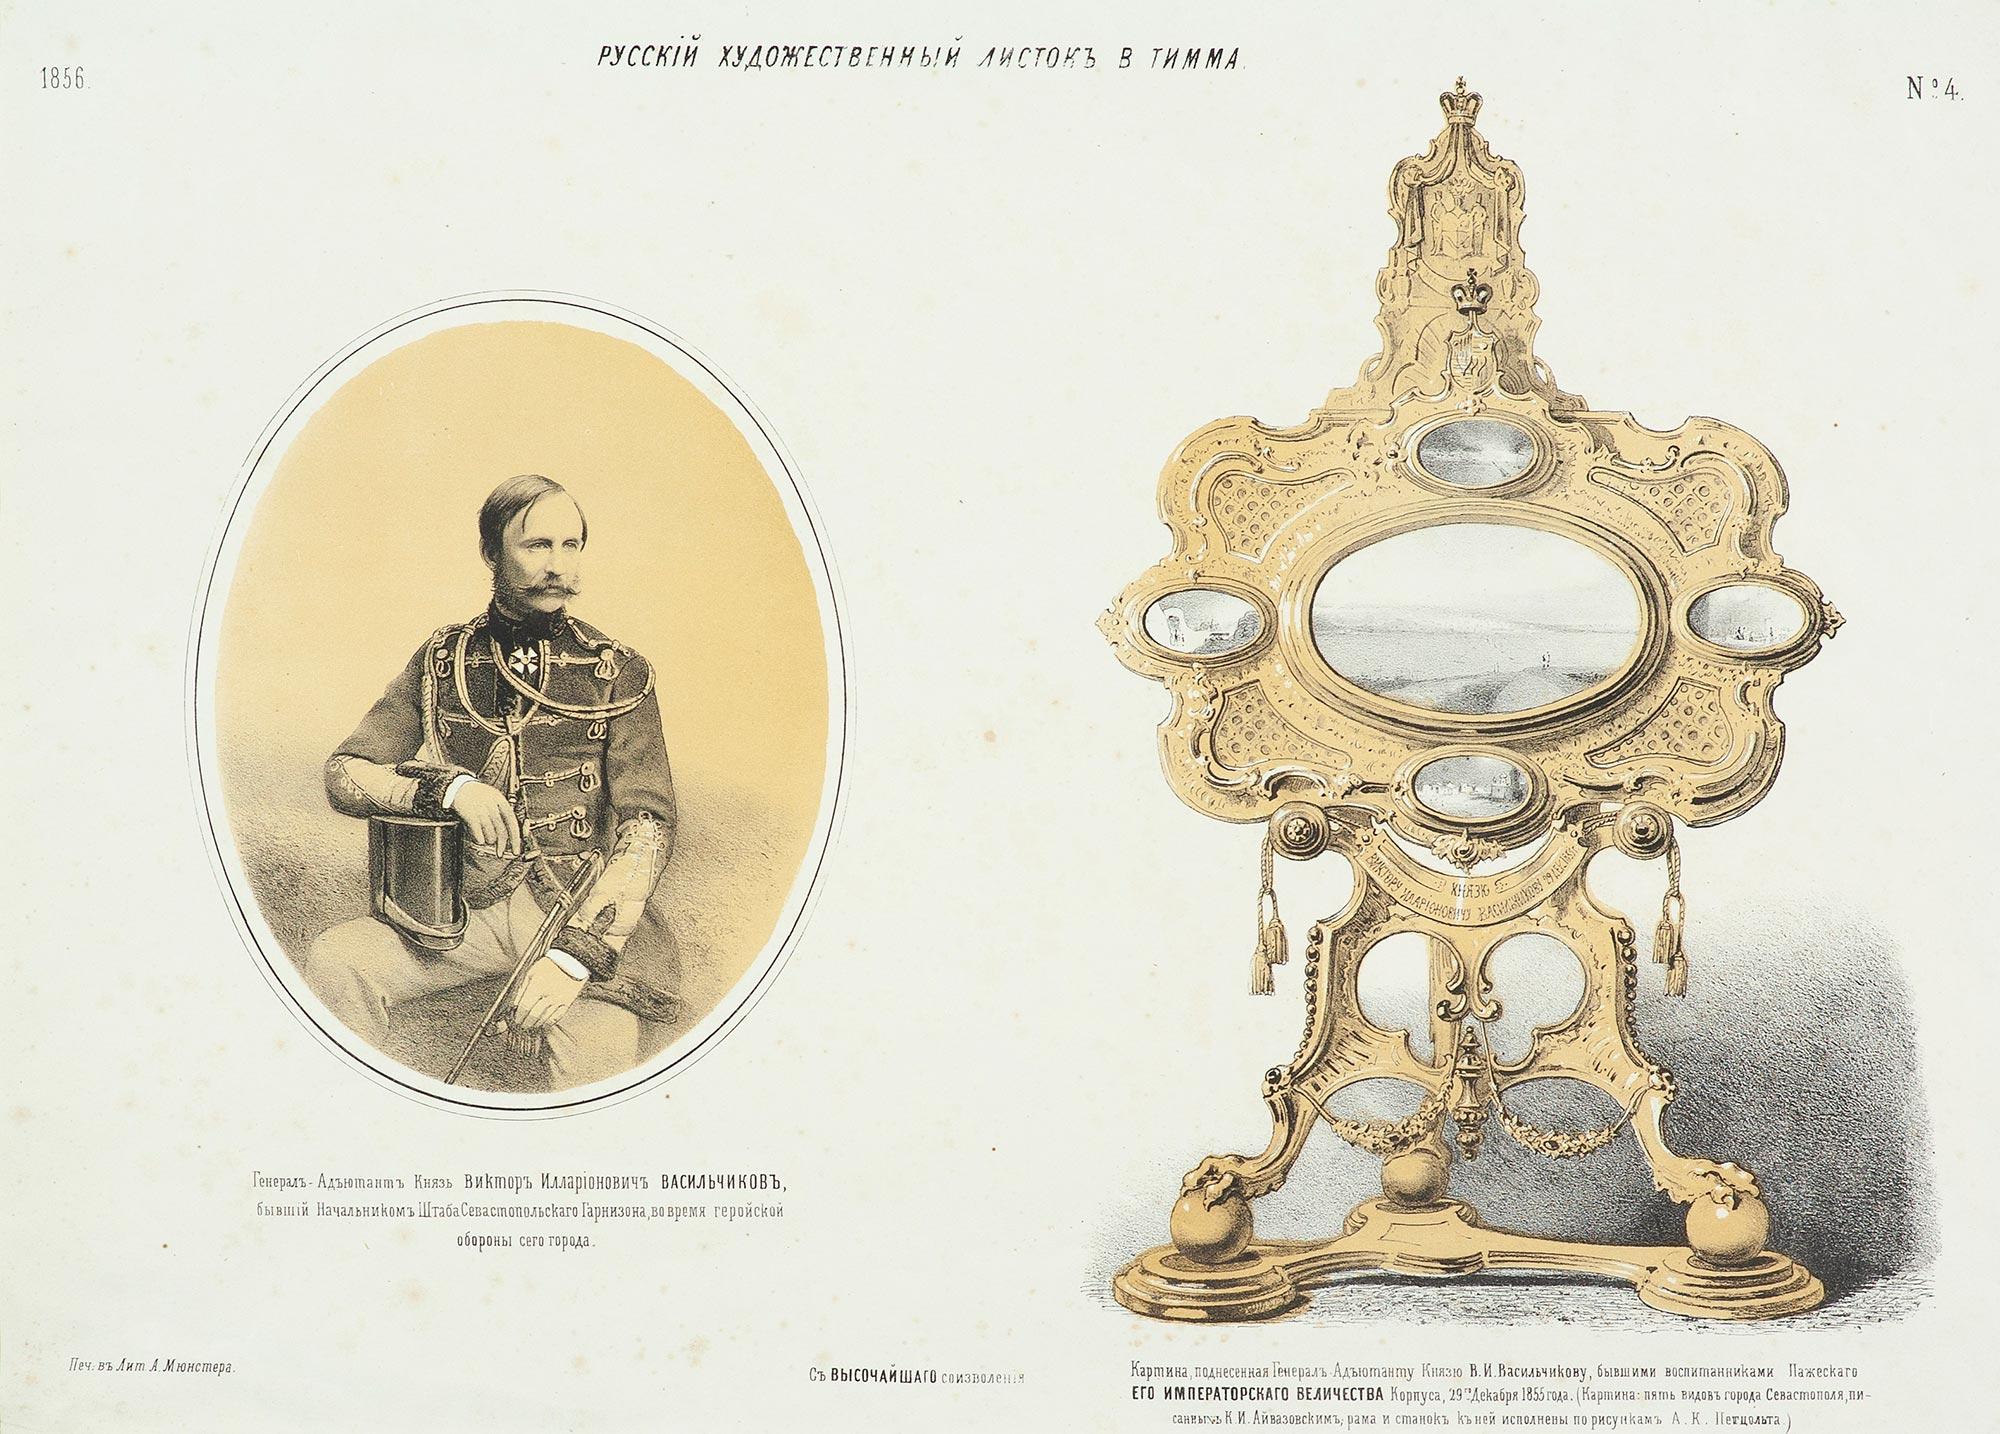 Генерал-Адъютант князь В.И. Васильчиков, бывший начальник штаба Севастопольского Гарнизона.